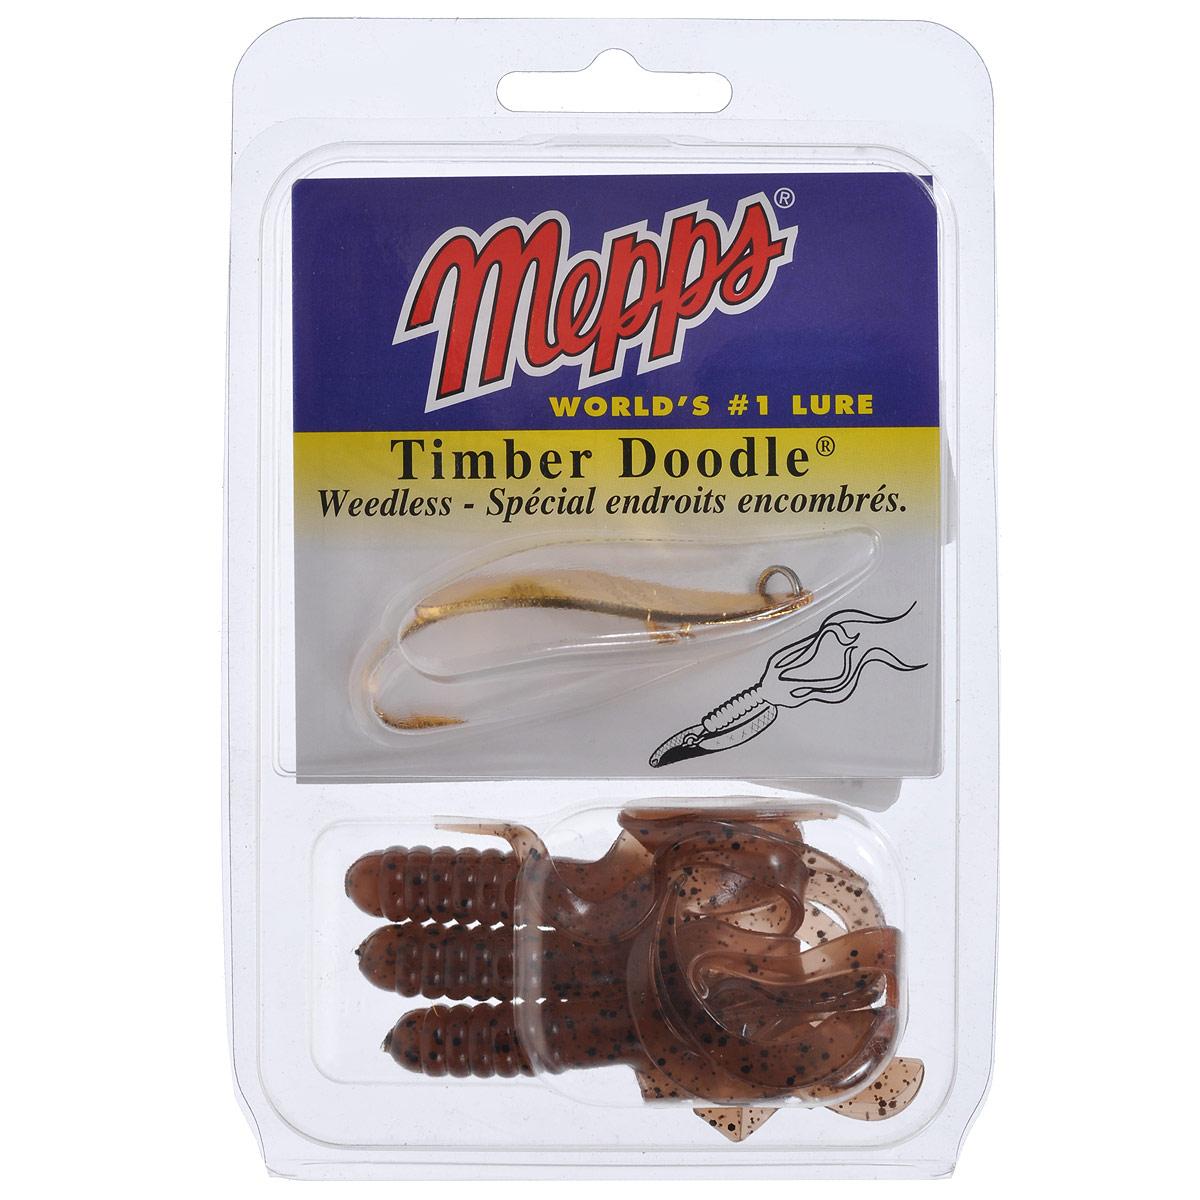 Блесна Mepps Timber Doodle OR, колеблющаяся, №0, 8 г4455С блесной Mepps Timber Doodle OR может ловить рыбу даже непрофессионал, даже в самых густых водных зарослях, поскольку она настоящая незацепляйка. Кроме того, у нее просто неотразимая игра, привлекающая, например, окуня или северную щуку. Она вибрирует при заглублении, поэтому подходит и для кастинга, и для троллинга. Блесна отделана золотом 24 пробы, крючки и соединяющие кольца изготовлены из нержавеющей стали. В комплект входят три приманки, внешне напоминающие сорняк. Блесна имеет несколько эффективных способов проводки, в том числе: ступенчатая, равномерная с подергиванием, равномерная в полводы с остановками и т.п. Колеблющаяся блесна подходит для ловли судака, щуки и окуня.